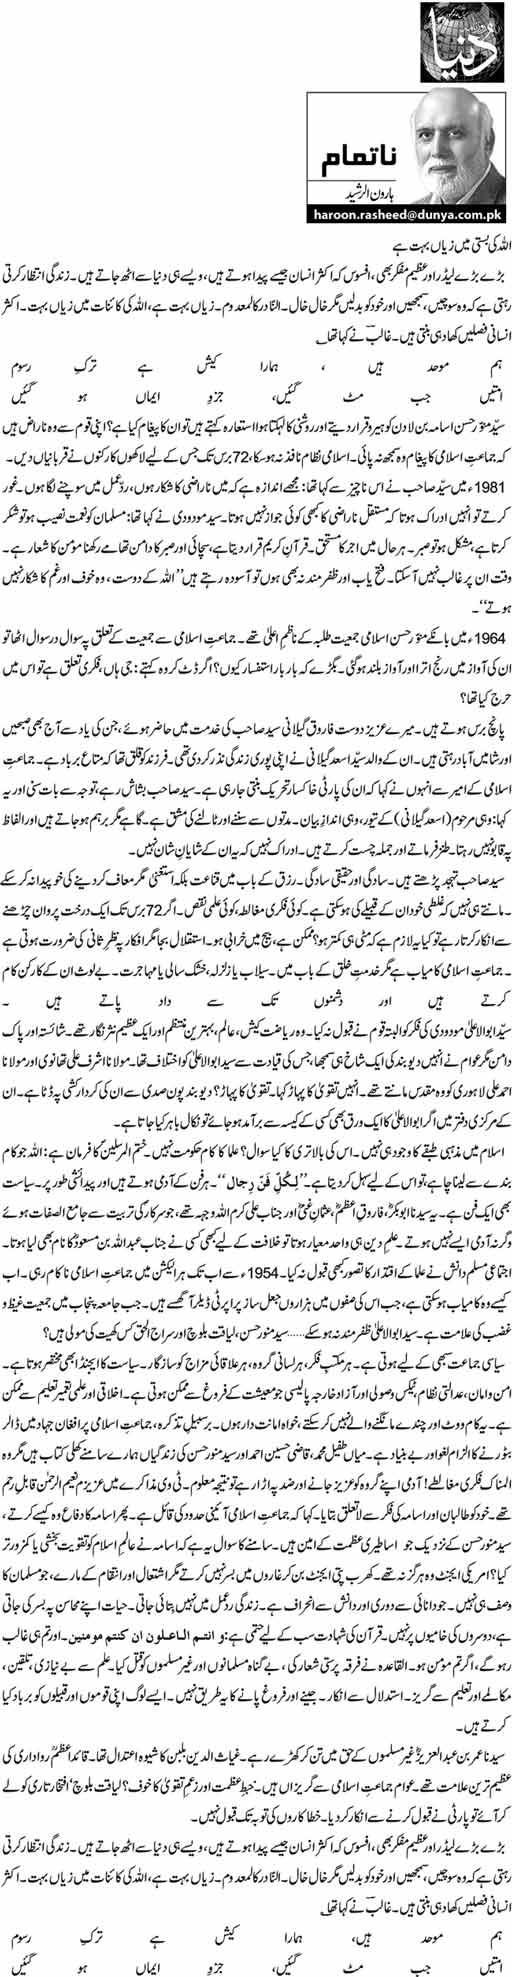 Allah Ki Basti Main Zayan Bohat Hai - Haroon ur Rasheed